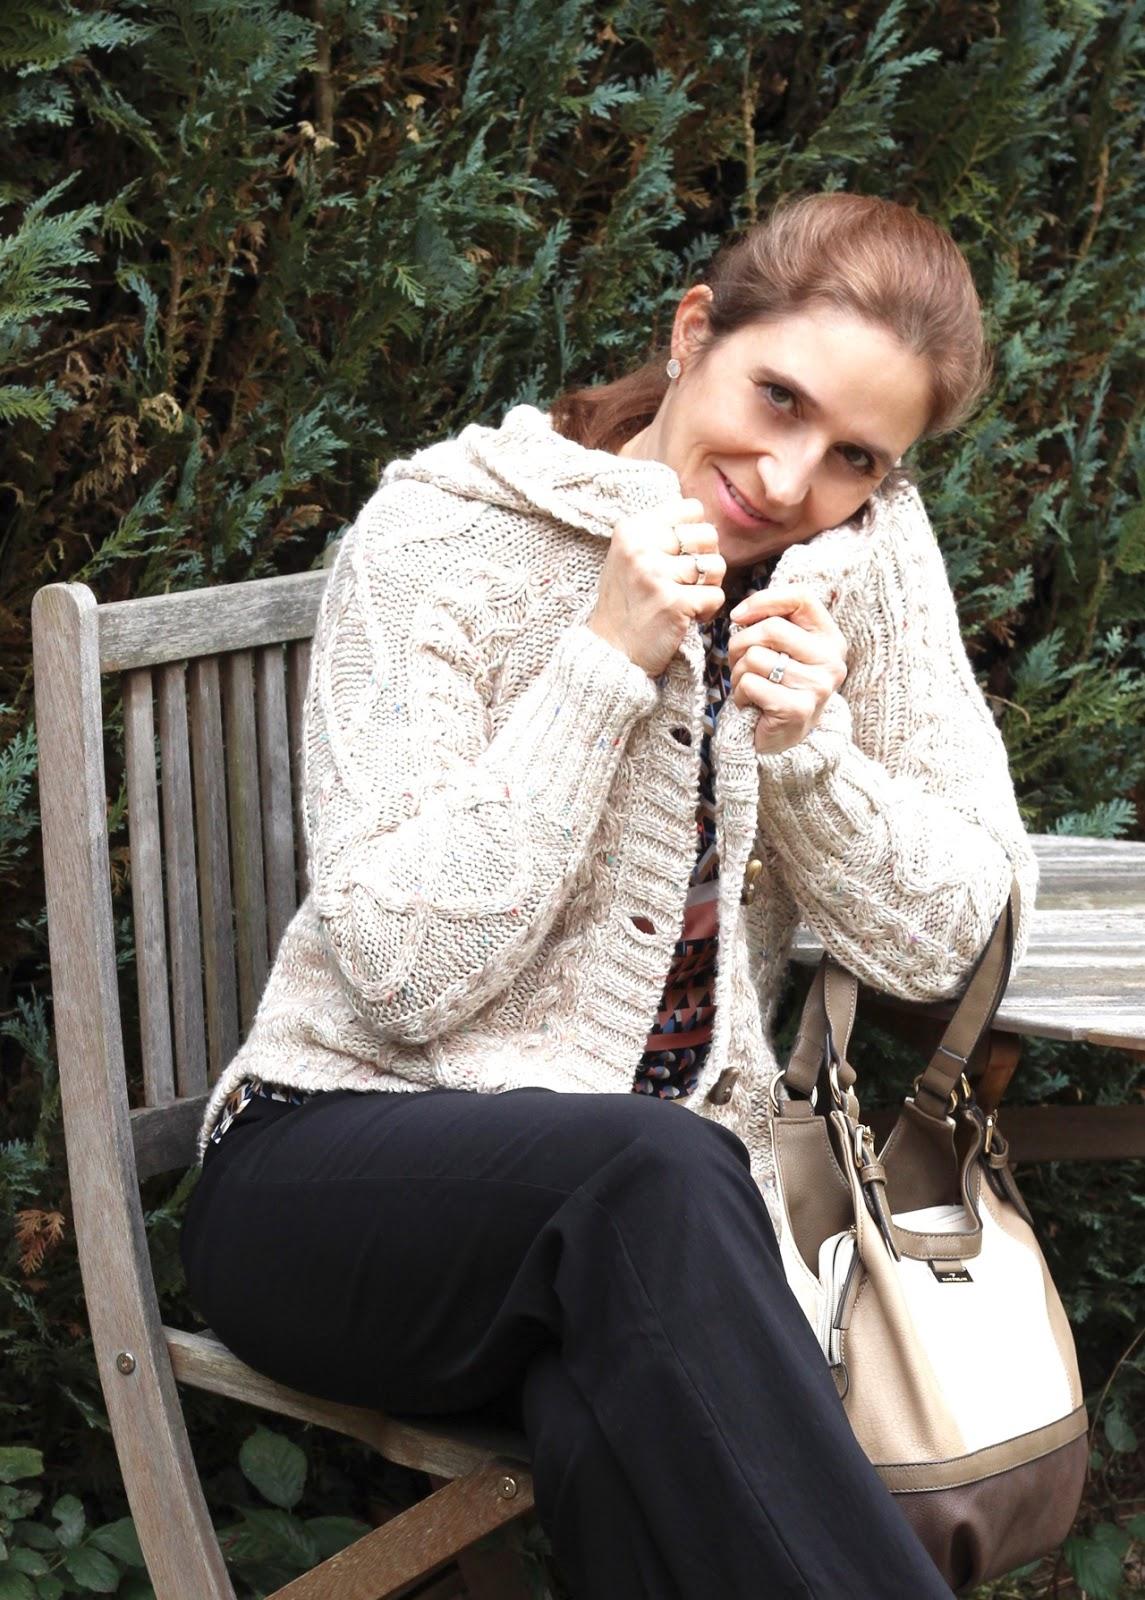 Fashion Friday again - ein wenig rose und musterhaft schick in den Frühling! Strickjacke von Review